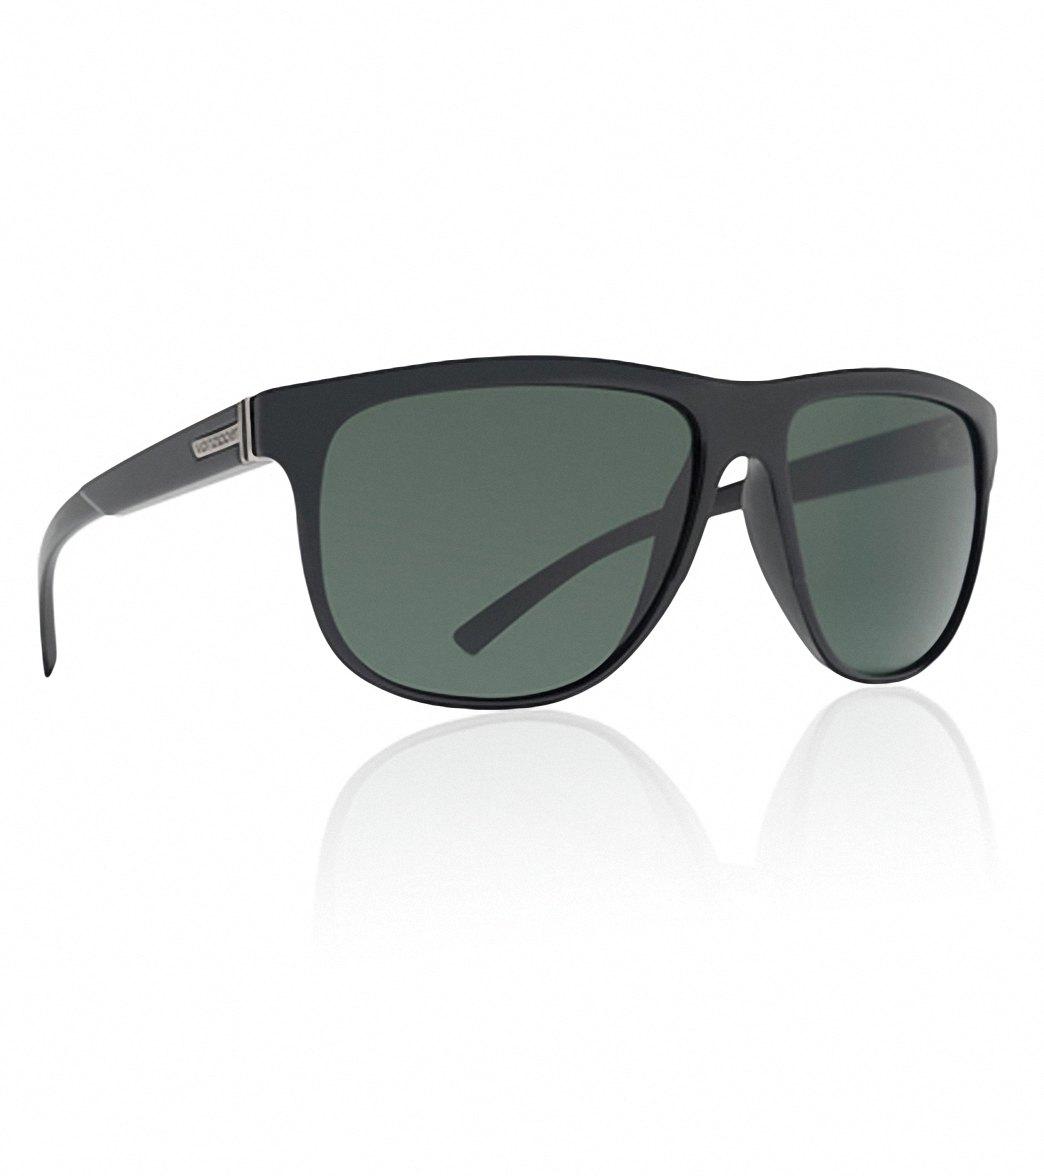 64458e2df5b Von Zipper Suplex Sunglasses at SwimOutlet.com - Free Shipping